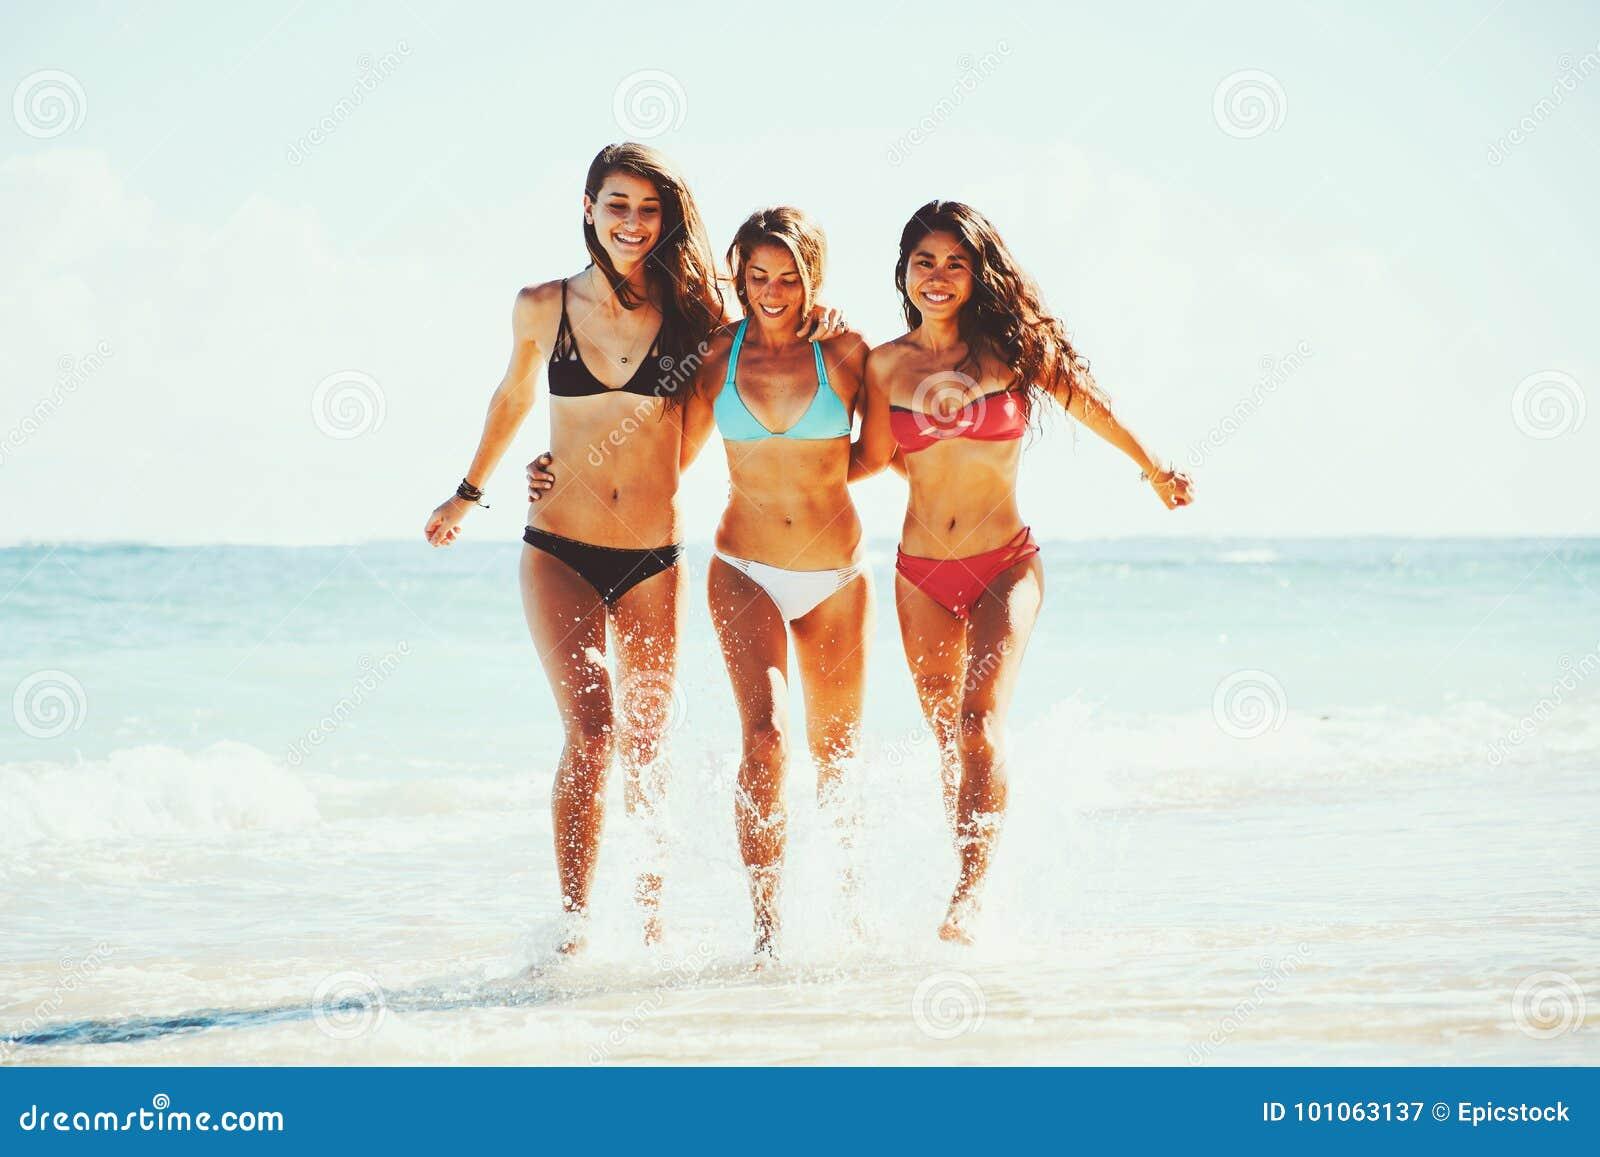 Силой видео красивых телок на пляже девушка